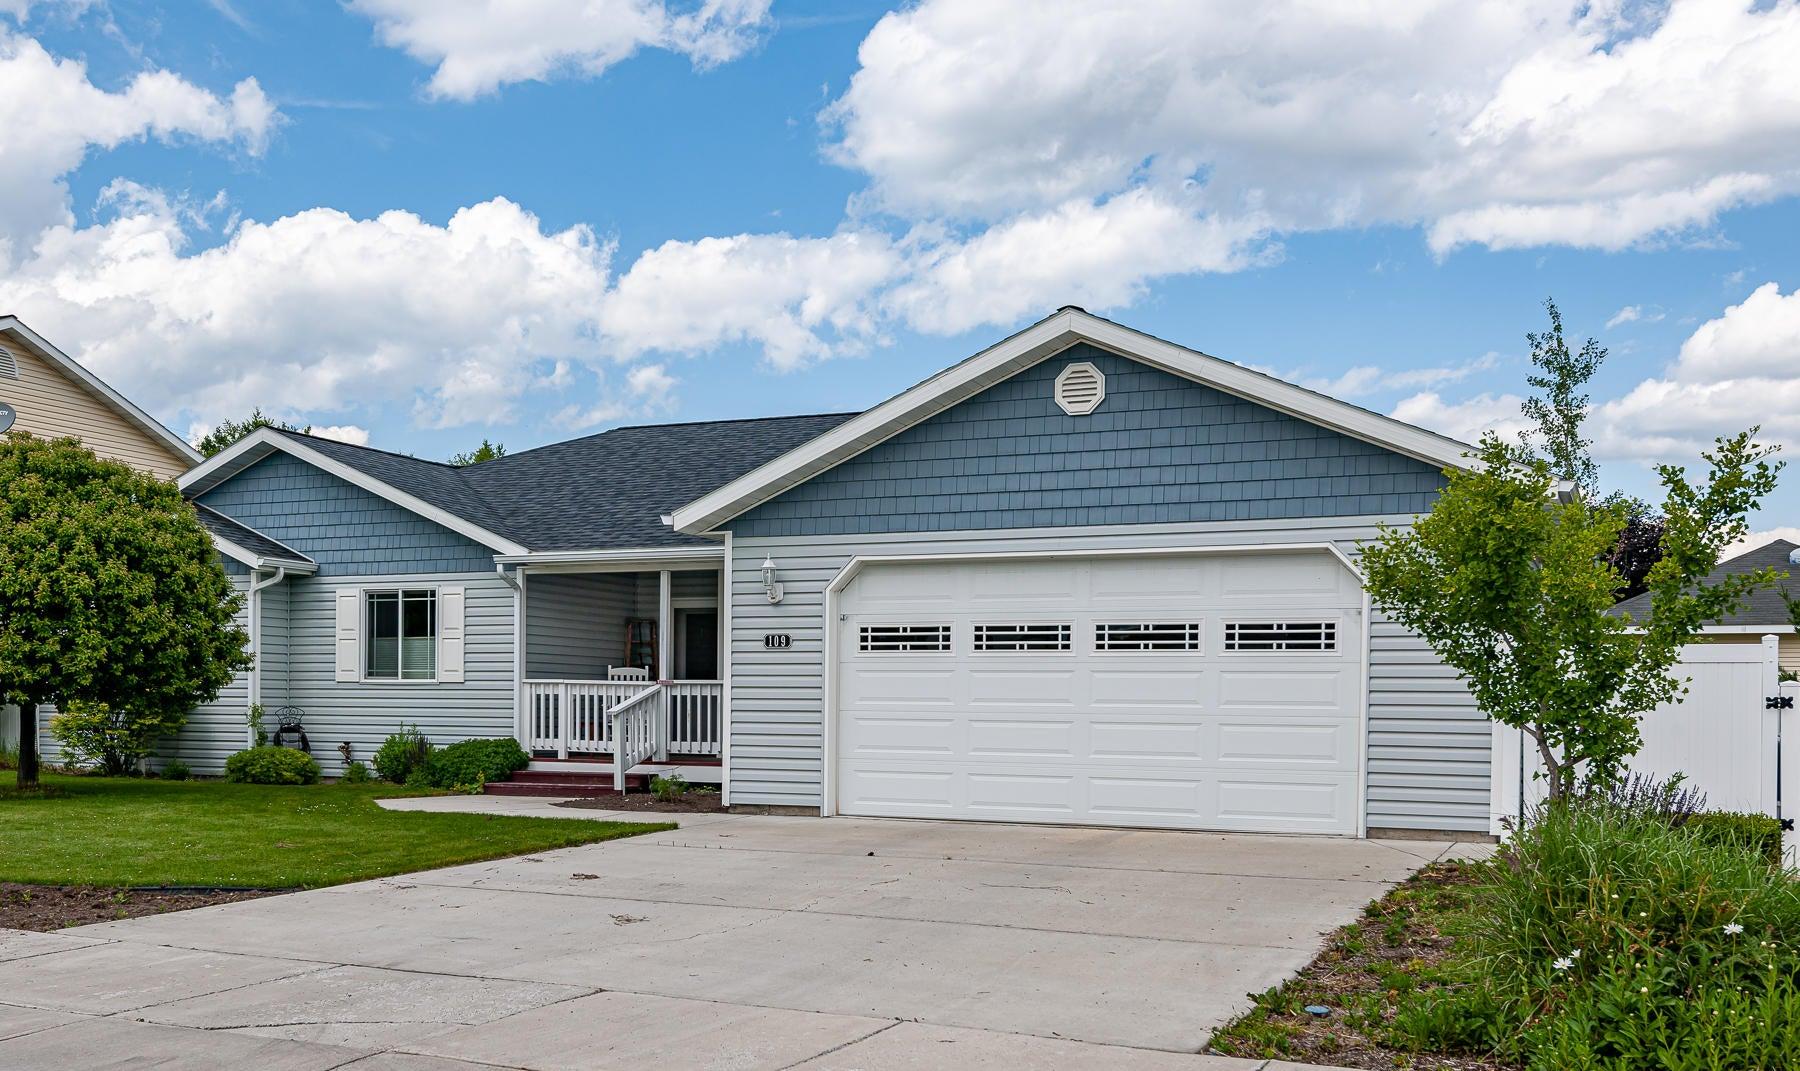 109 River Glen Court, Kalispell, MT 59901